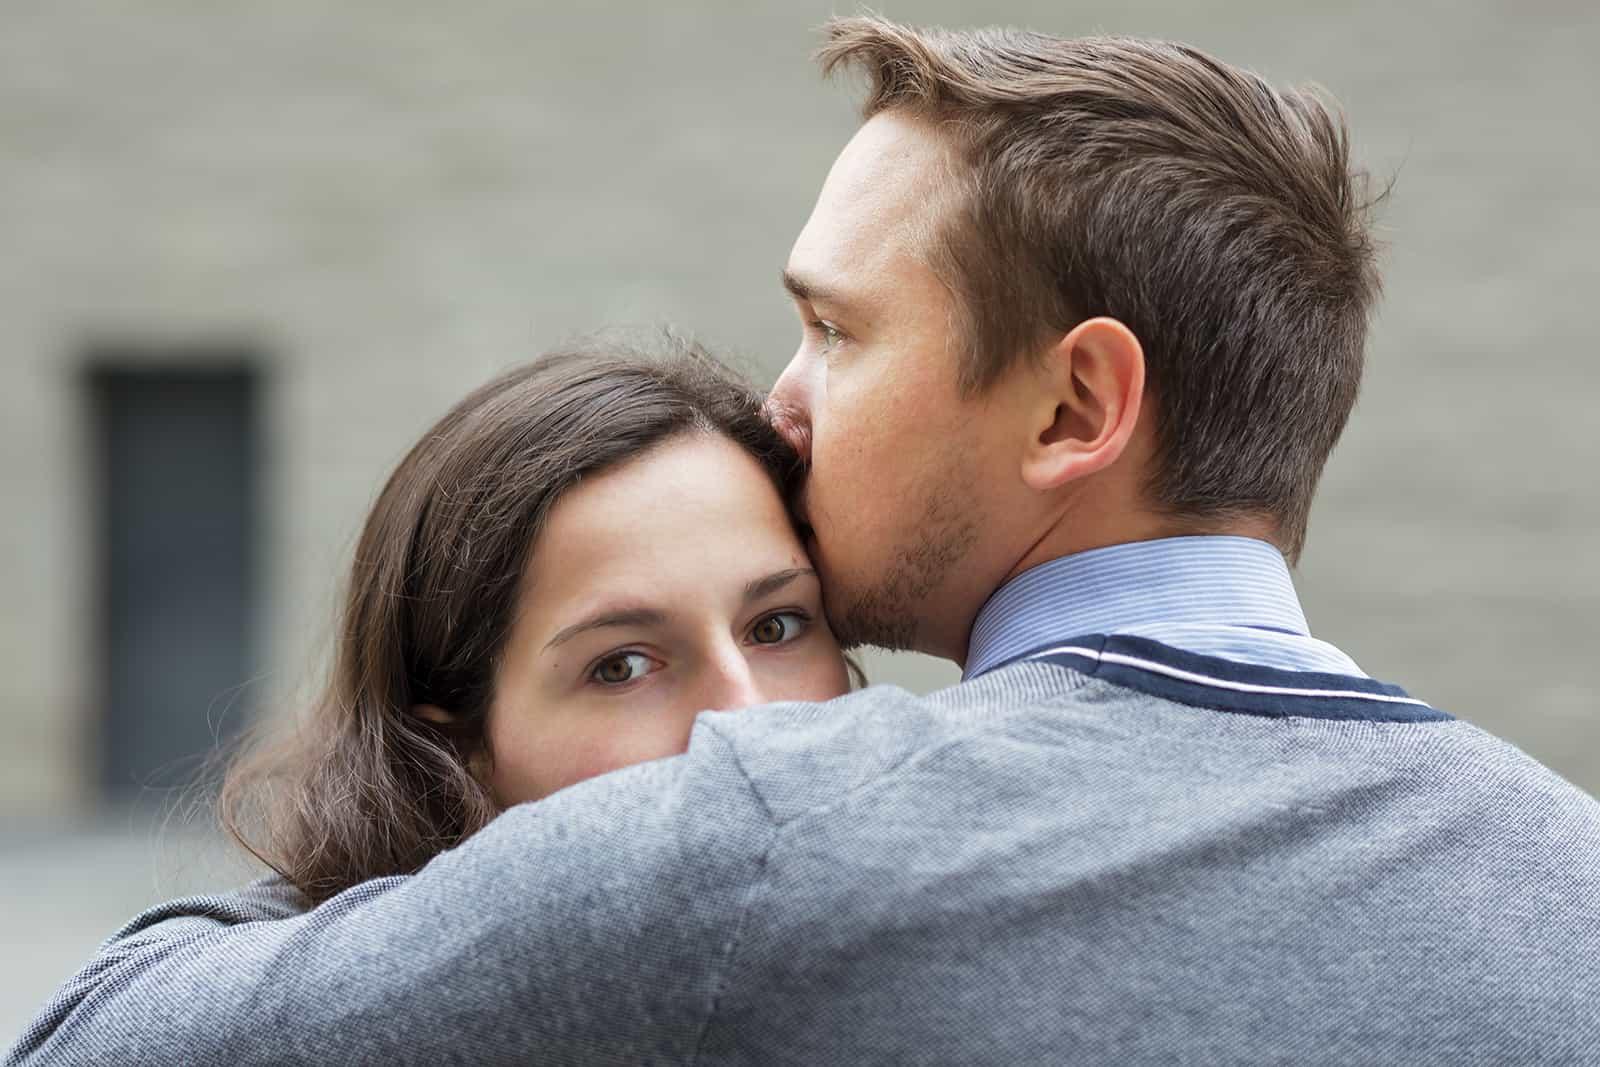 Ein Mann küsst eine Frau auf die Stirn, während sie zur Seite schaut